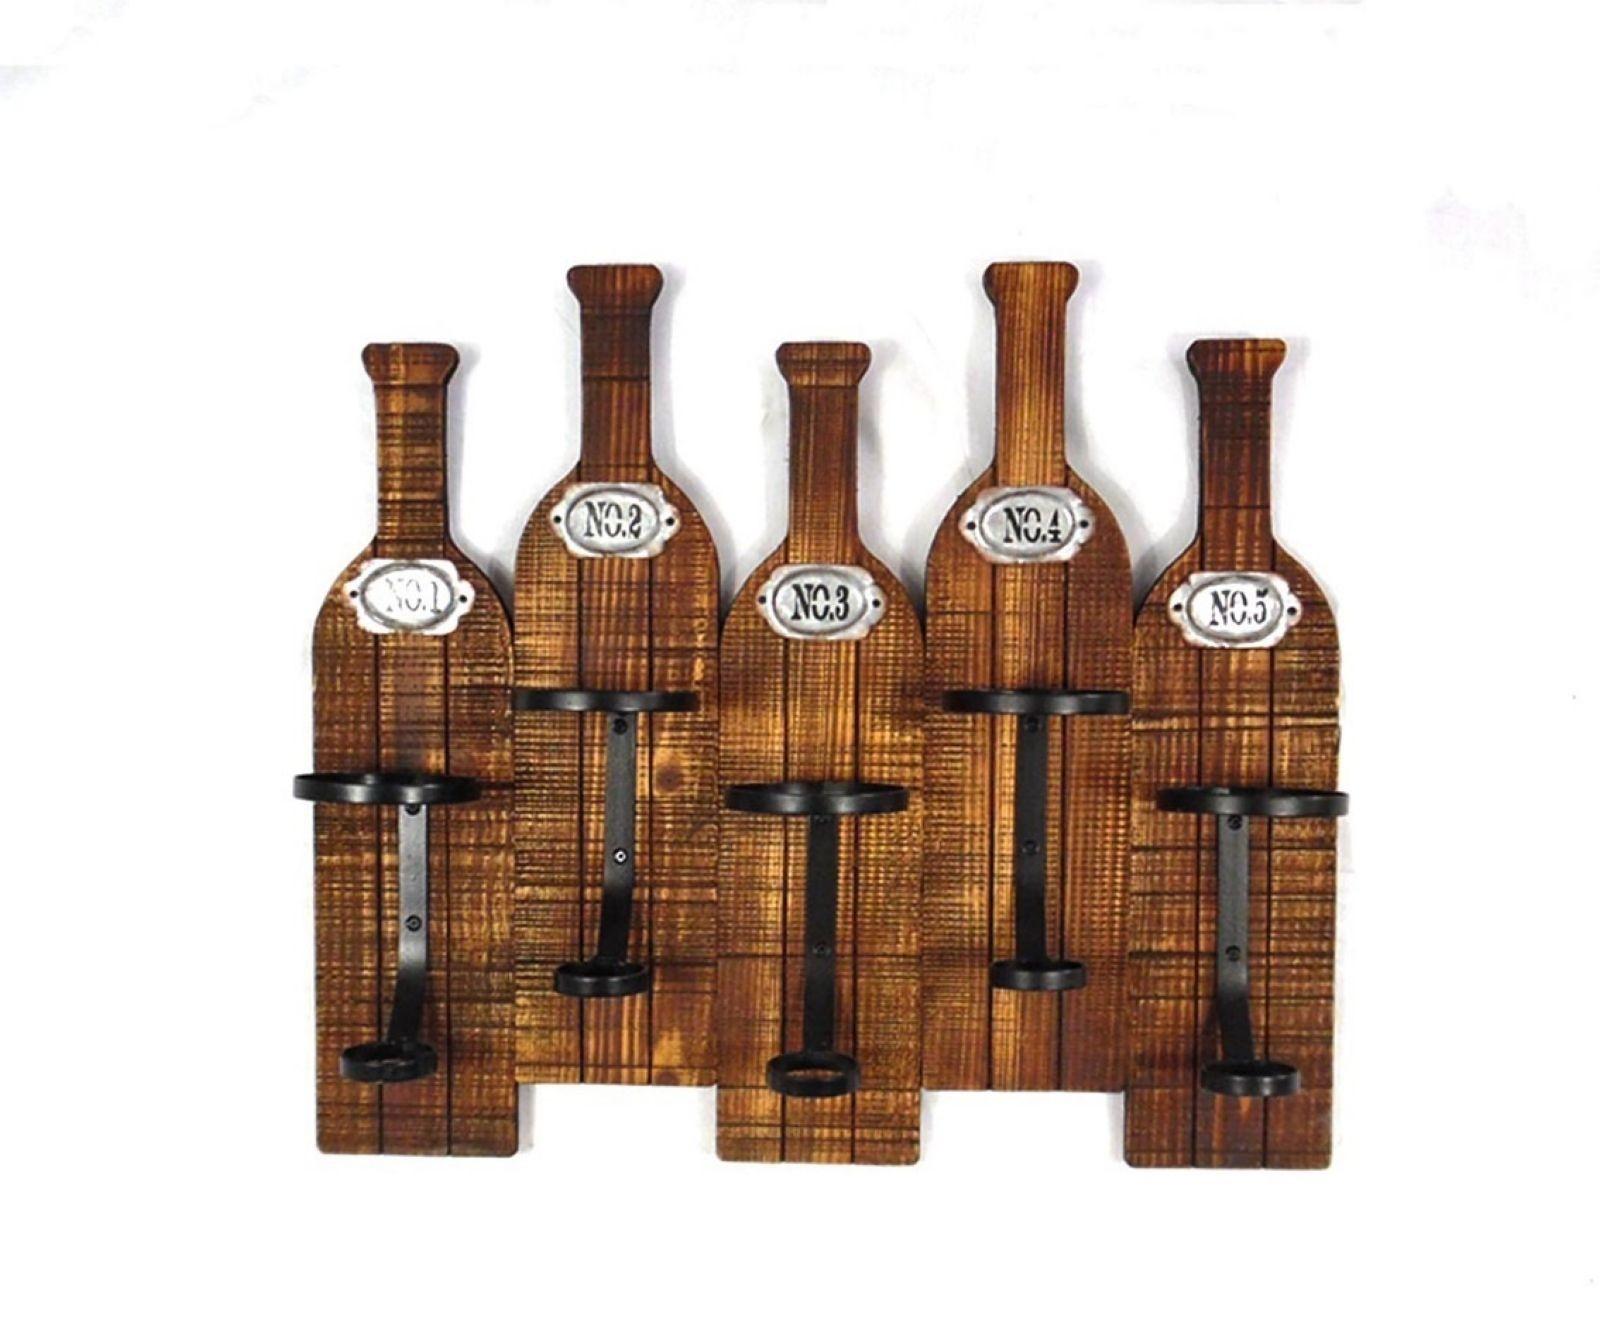 Portabottiglie in legno 5 posti ferrini gift for Portabottiglie in legno fai da te